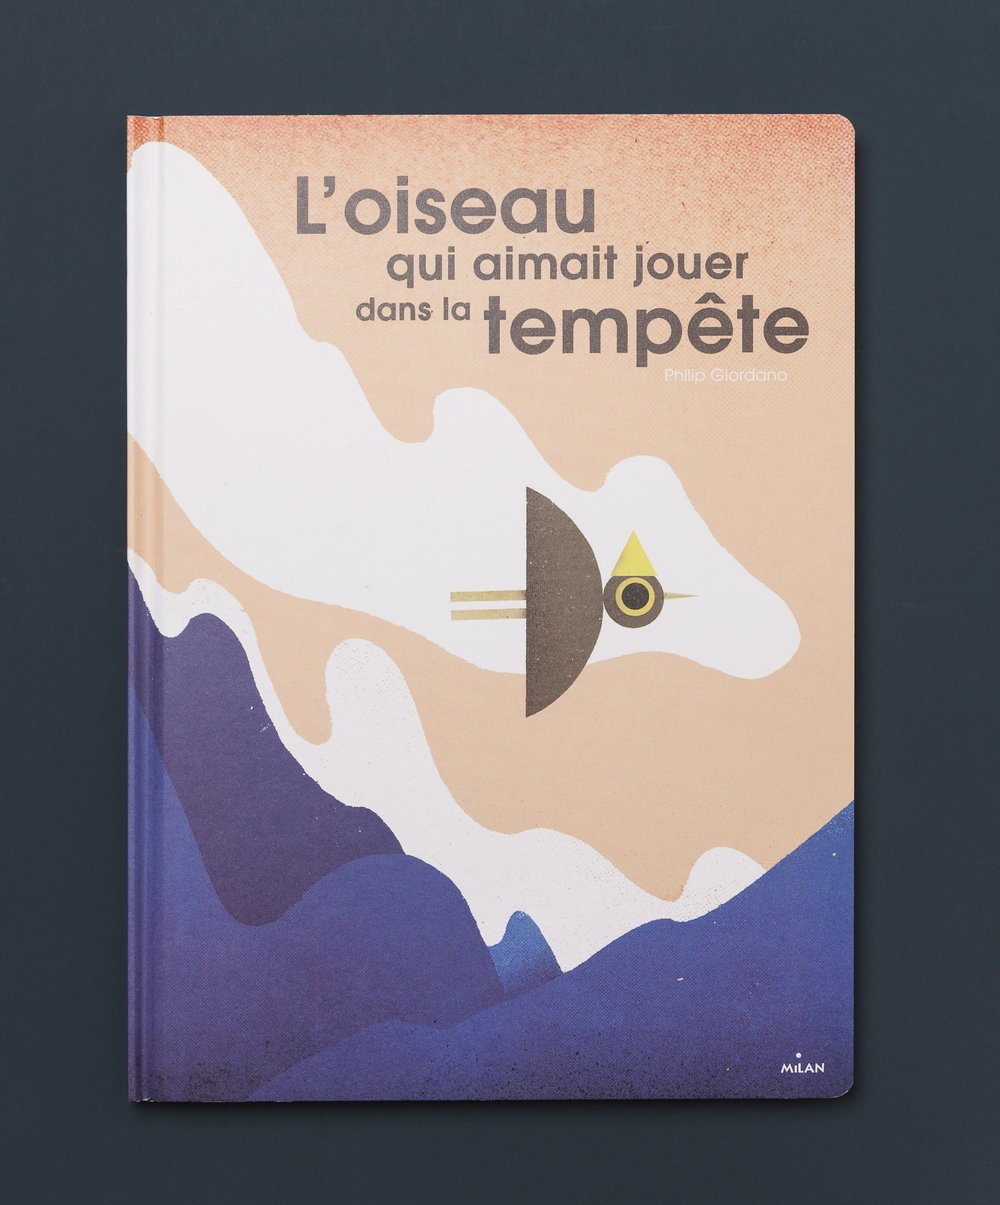 DEBBIE_BIBO_PORTFOLIO_018+copia.jpg